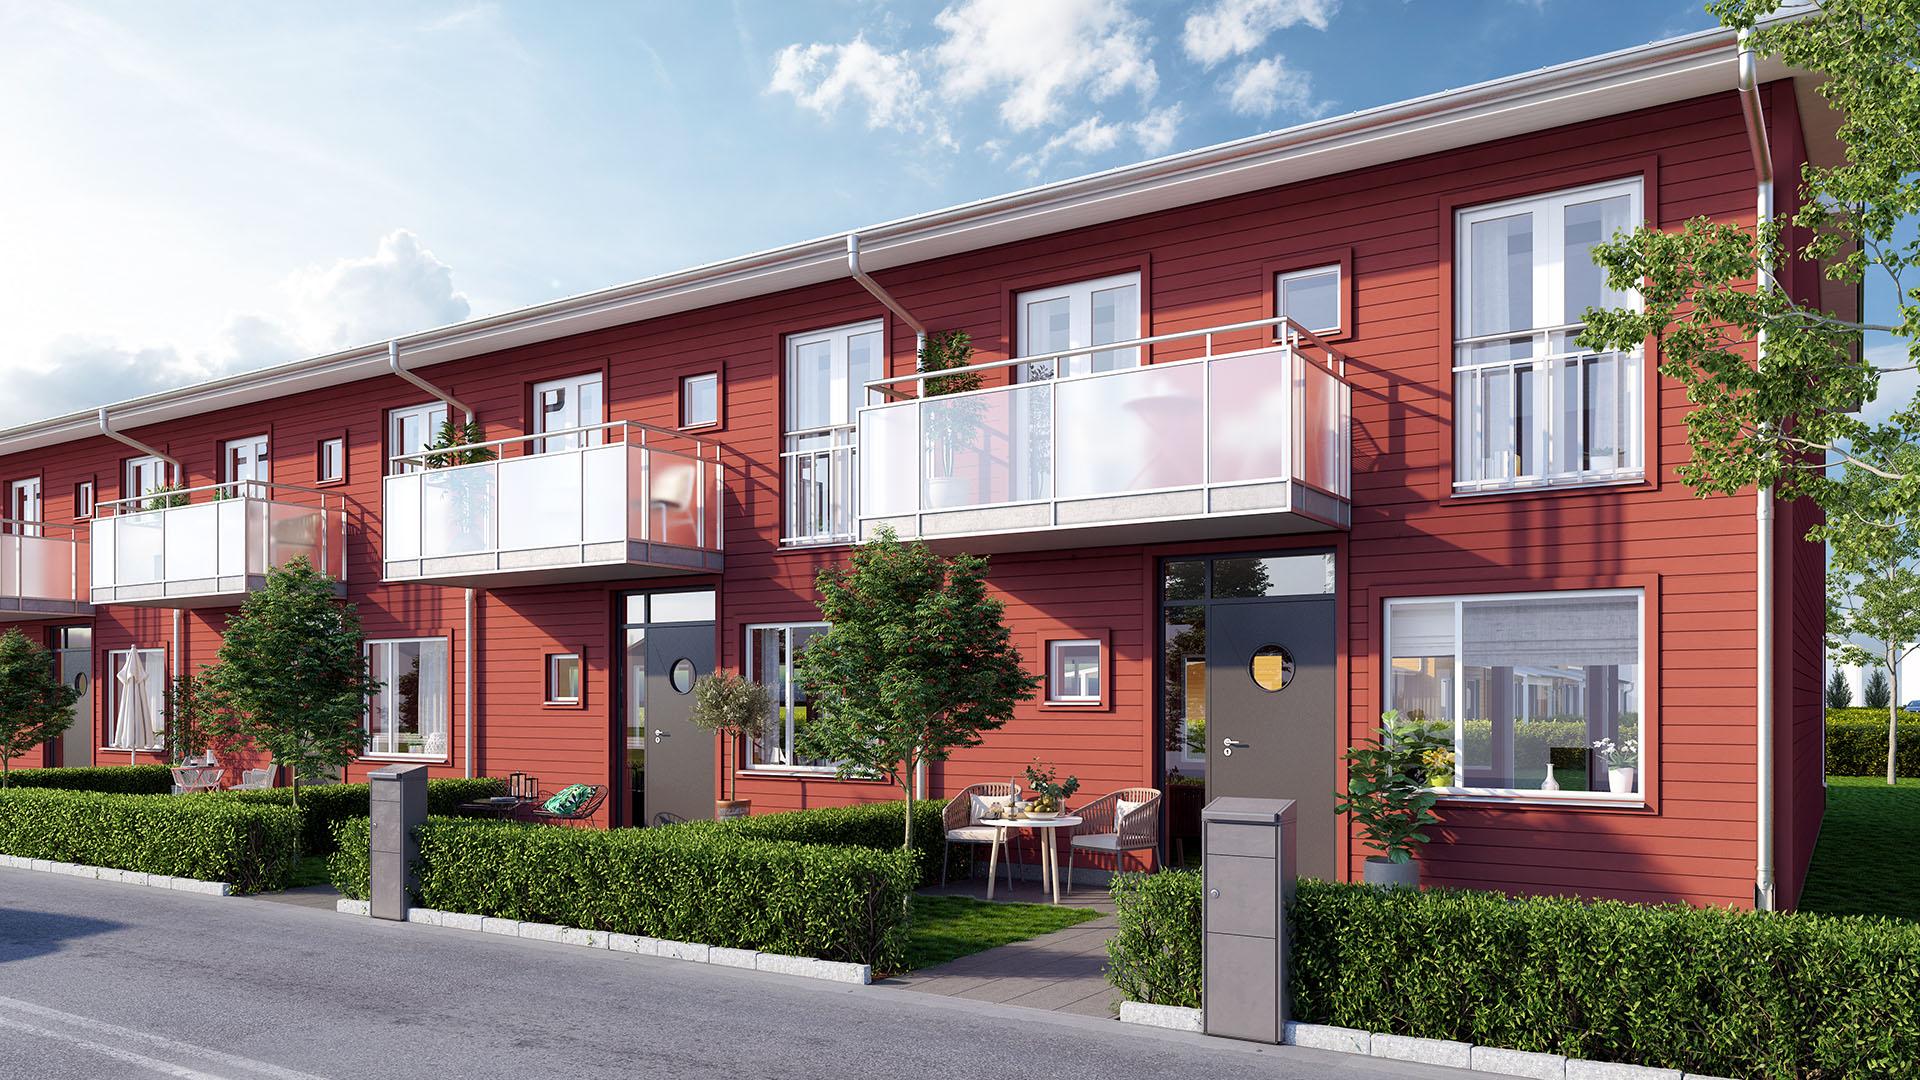 Bostadsrätter som radhus i Hammar, Kristianstad